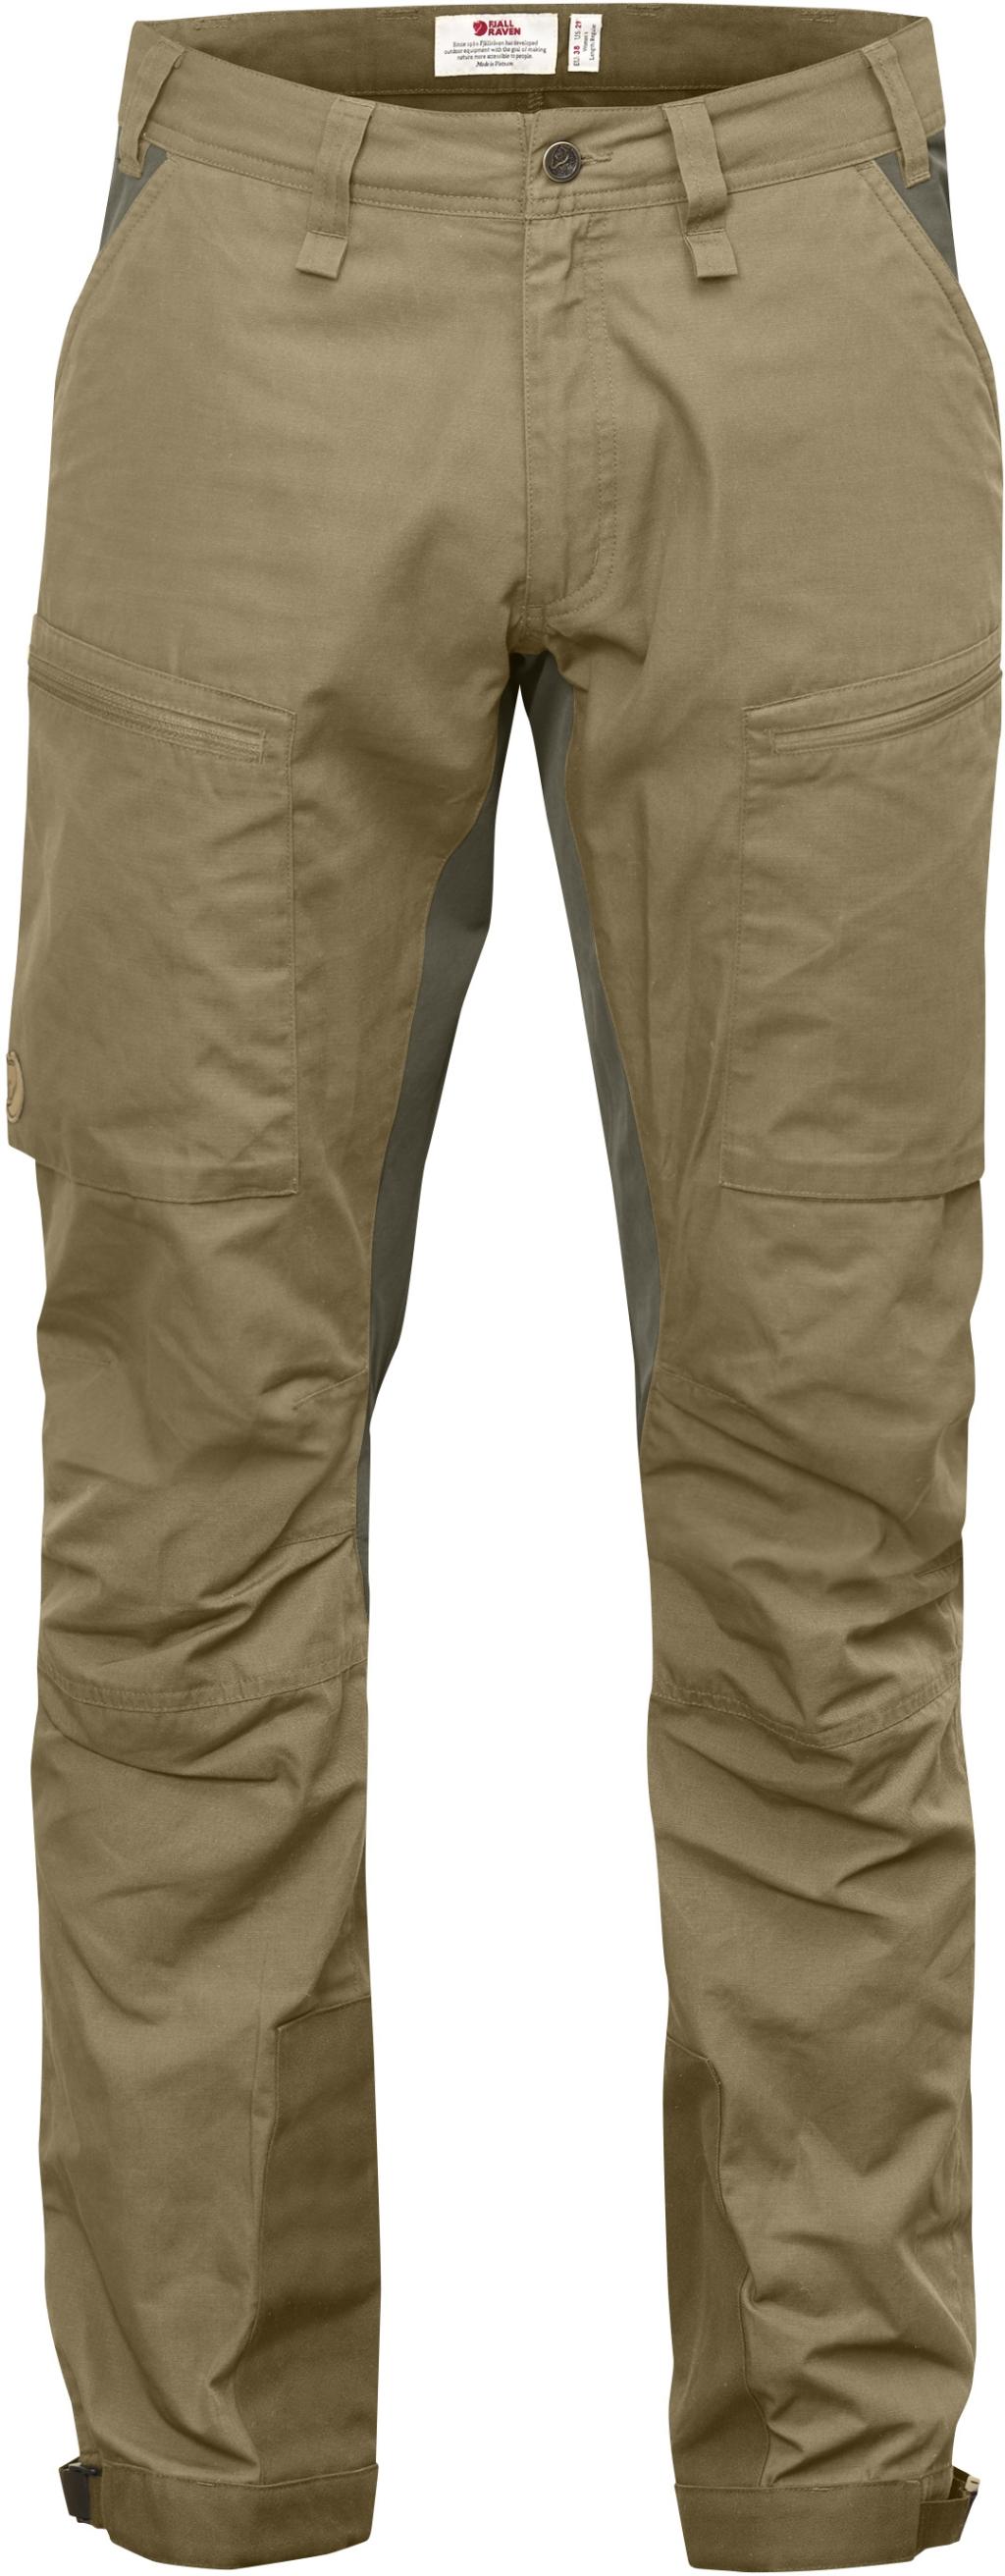 FjallRaven Abisko Lite Trekking Trousers Sand-30